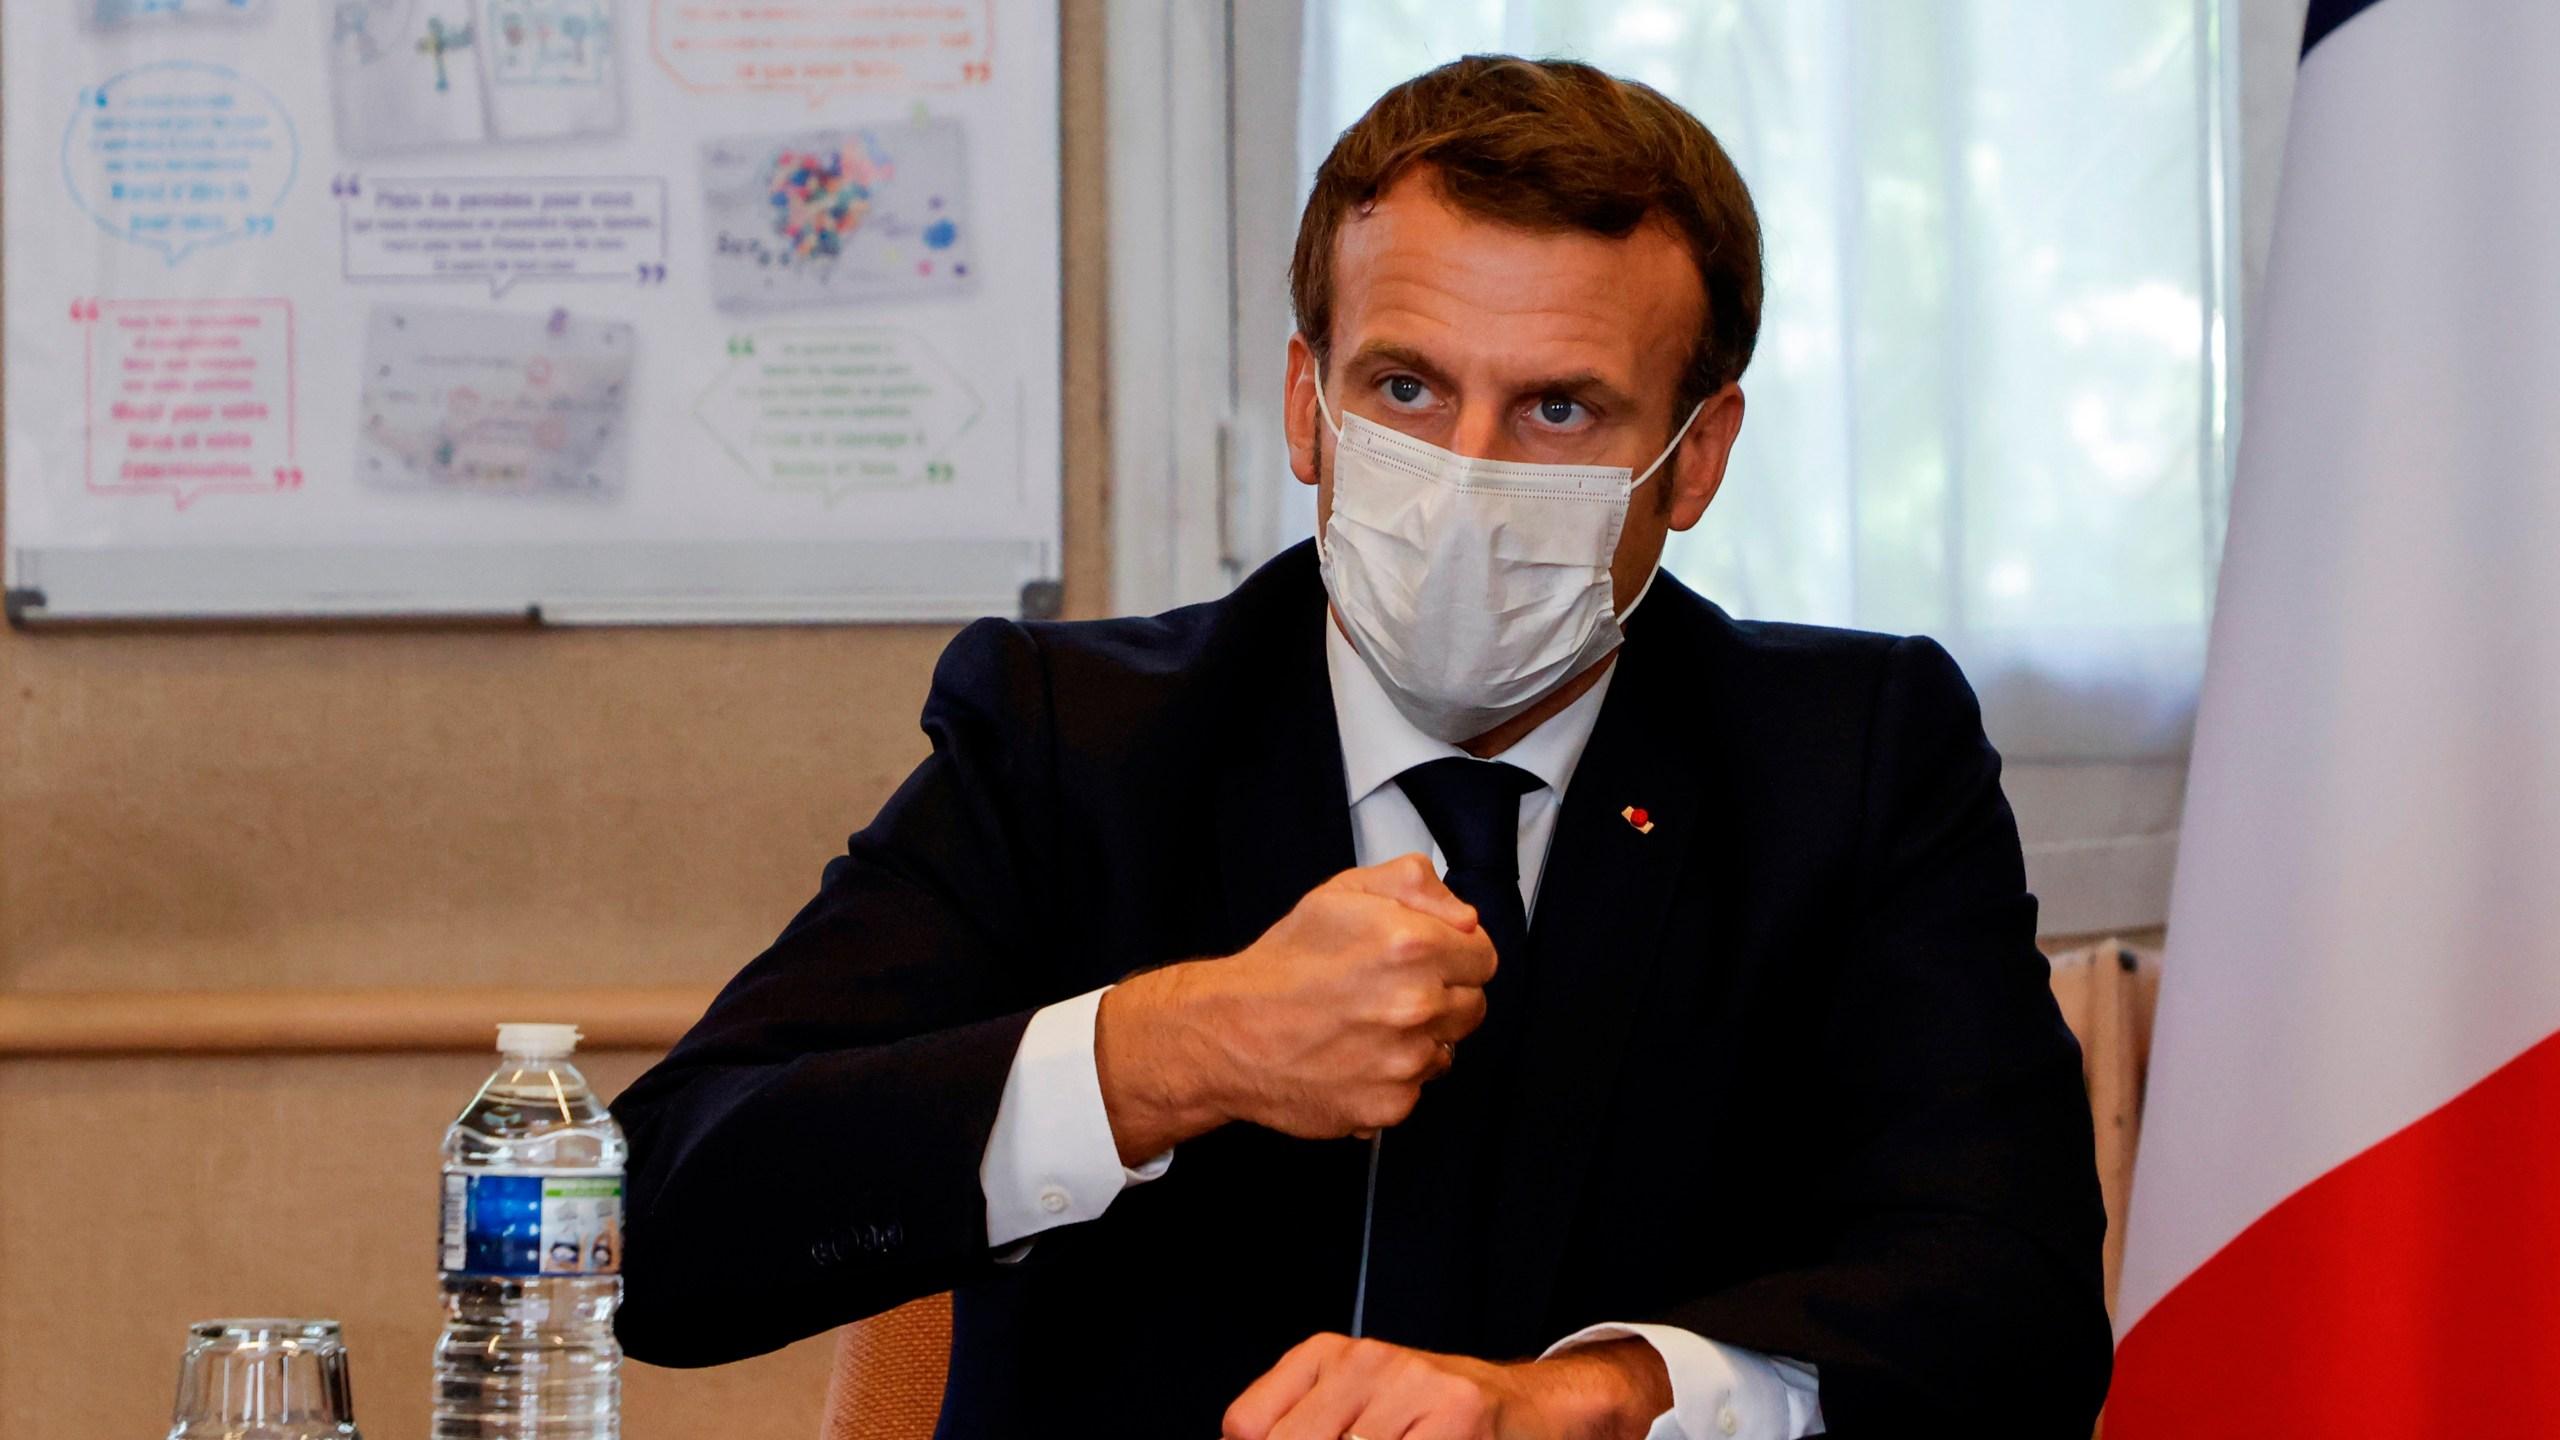 France surpasses 1 million confirmed virus cases amid spike | KHON2